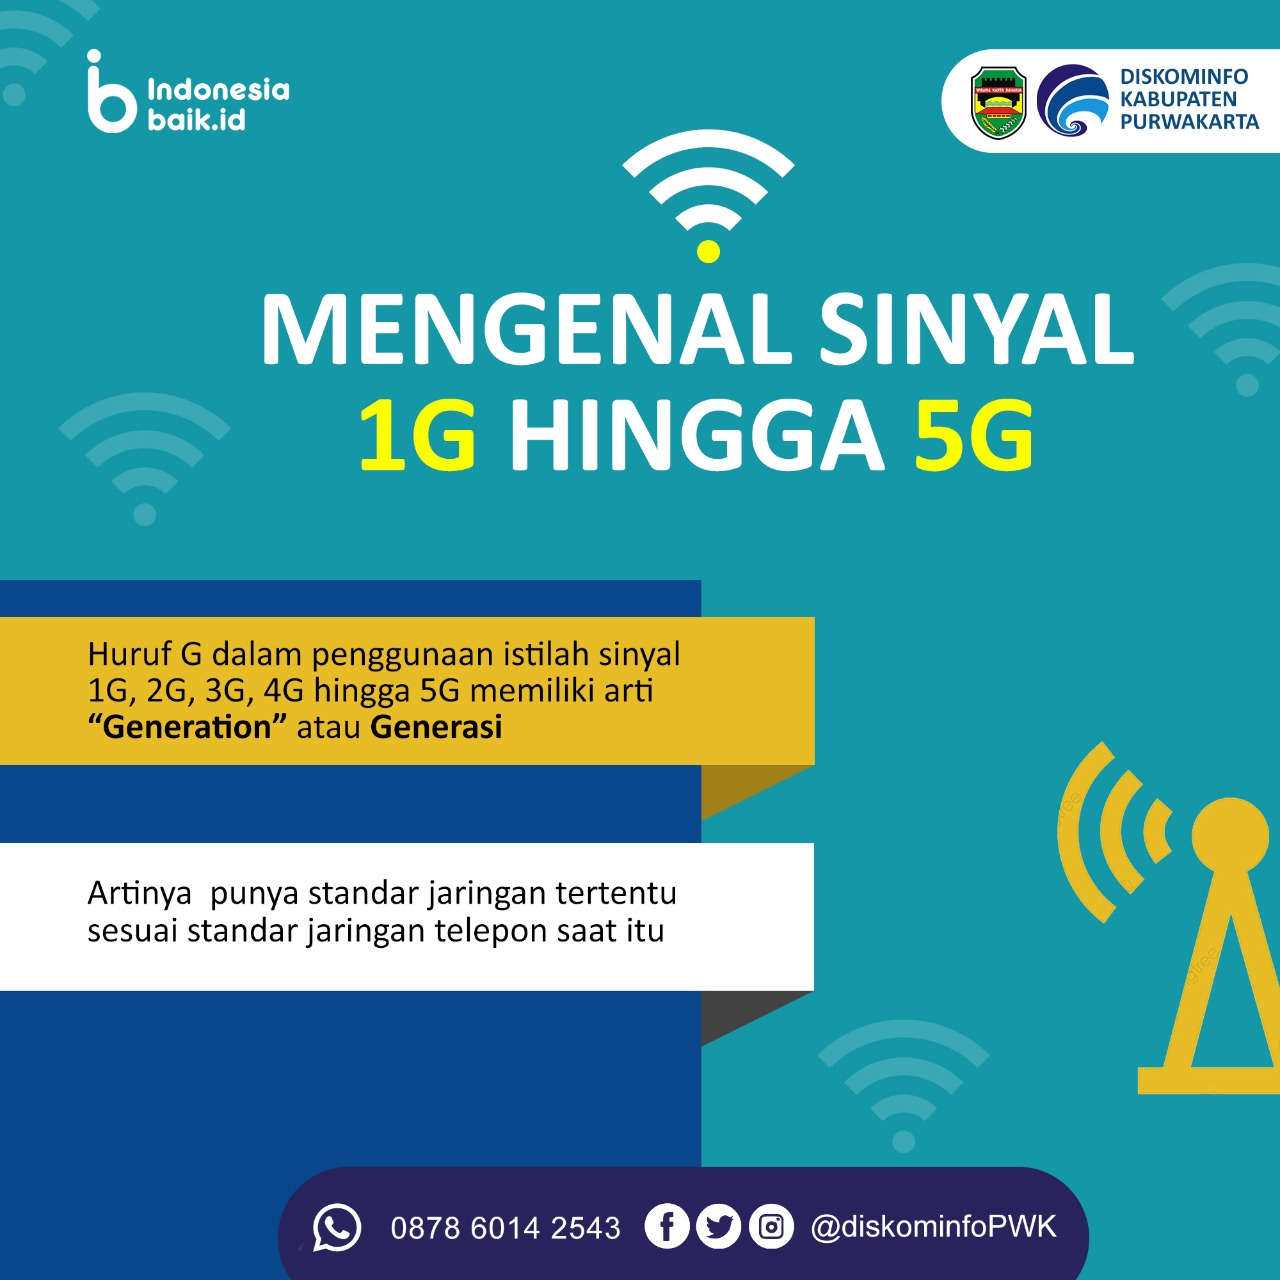 Mengenal Sinyal 1G Hingga 5G